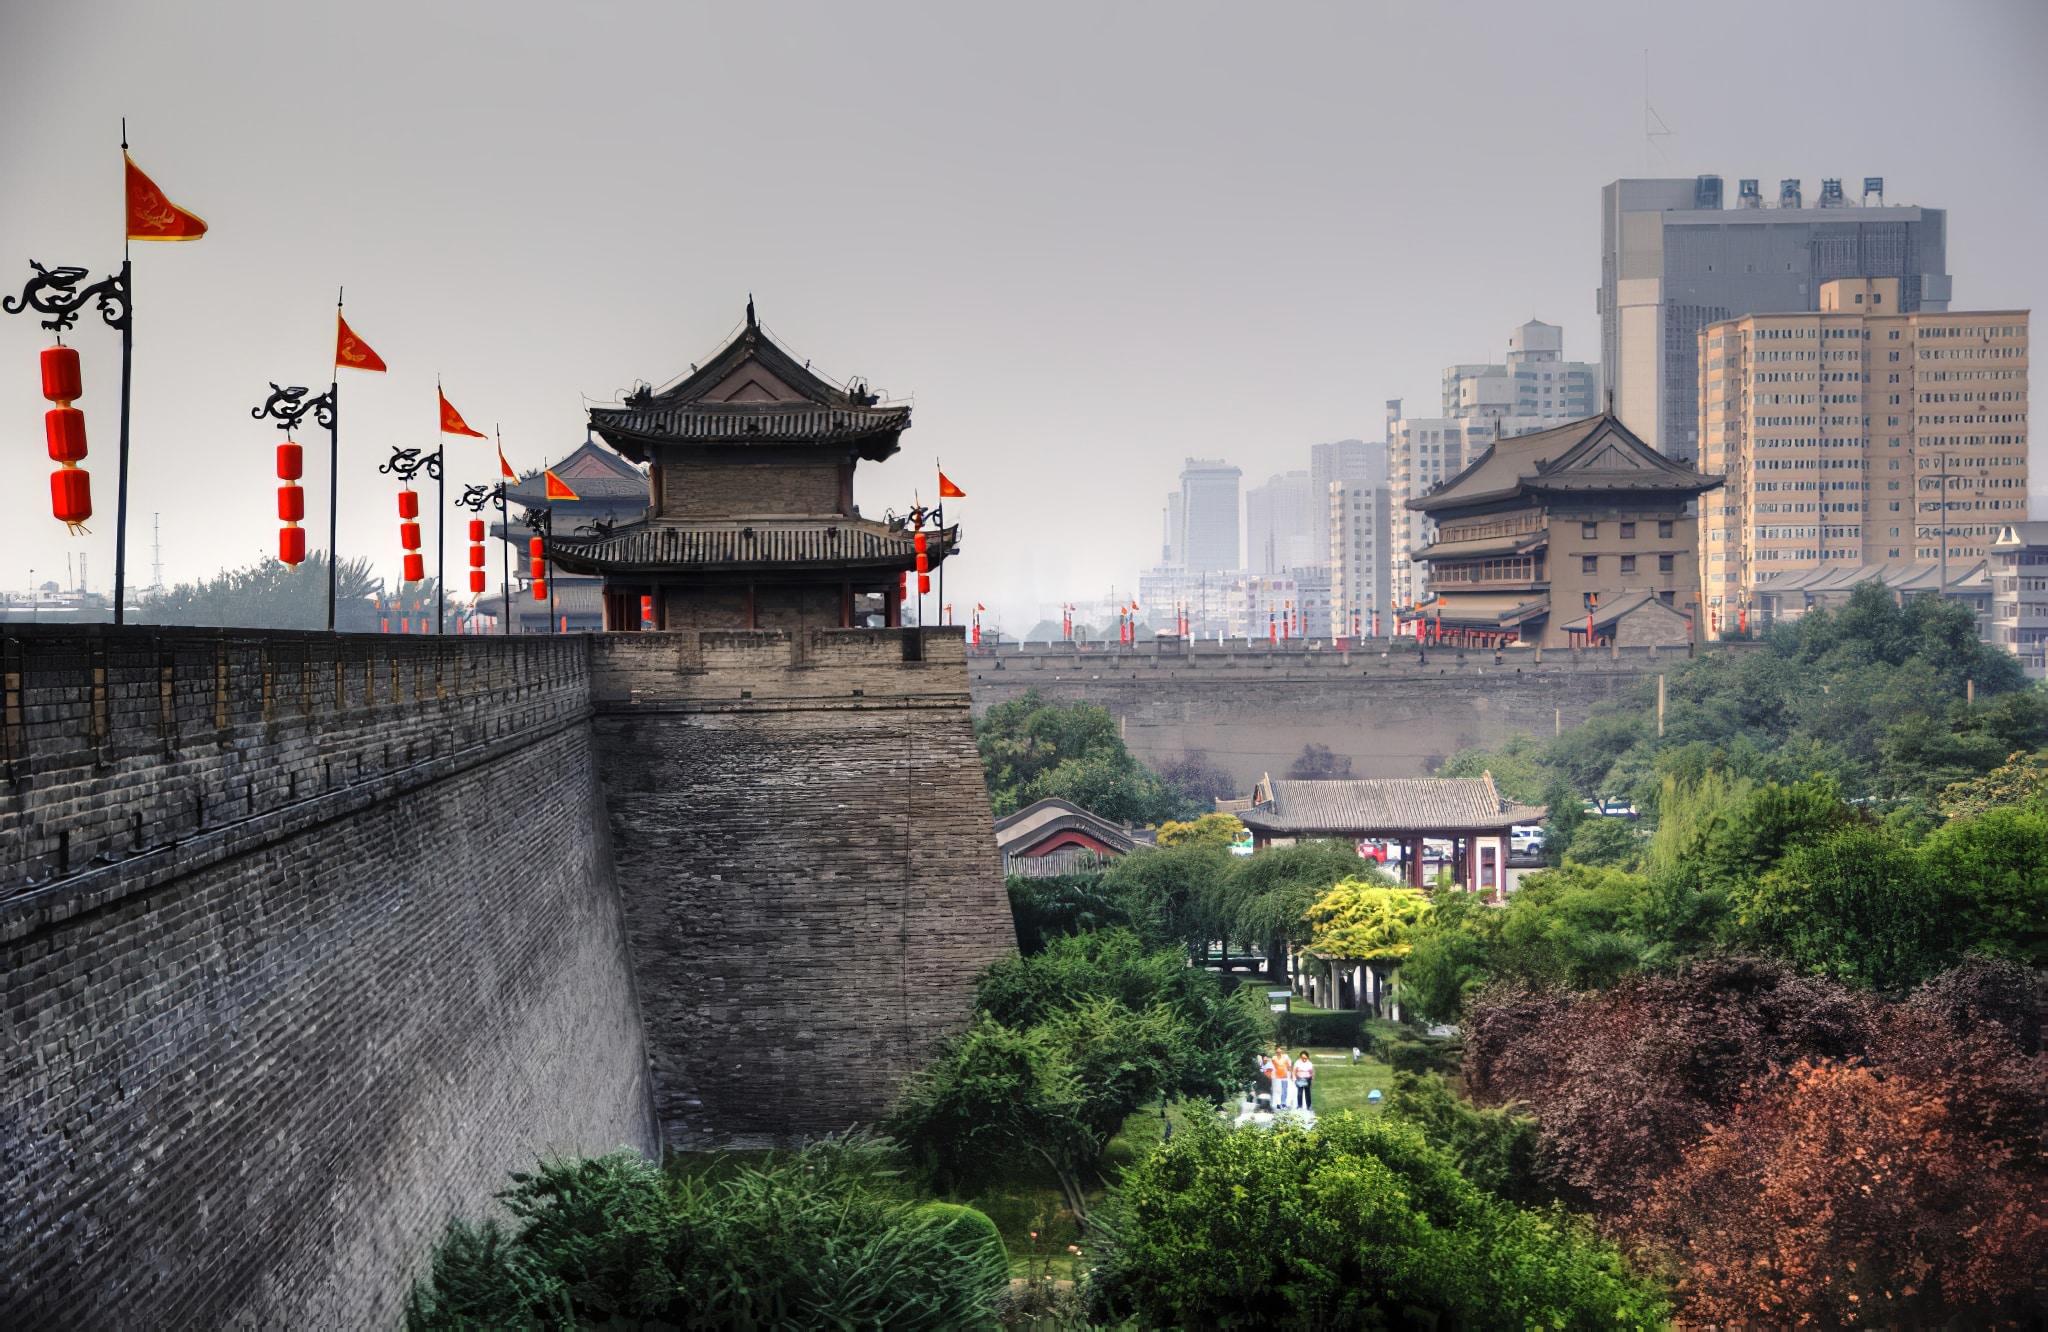 Les remparts de la cité de Xi'an en Chine